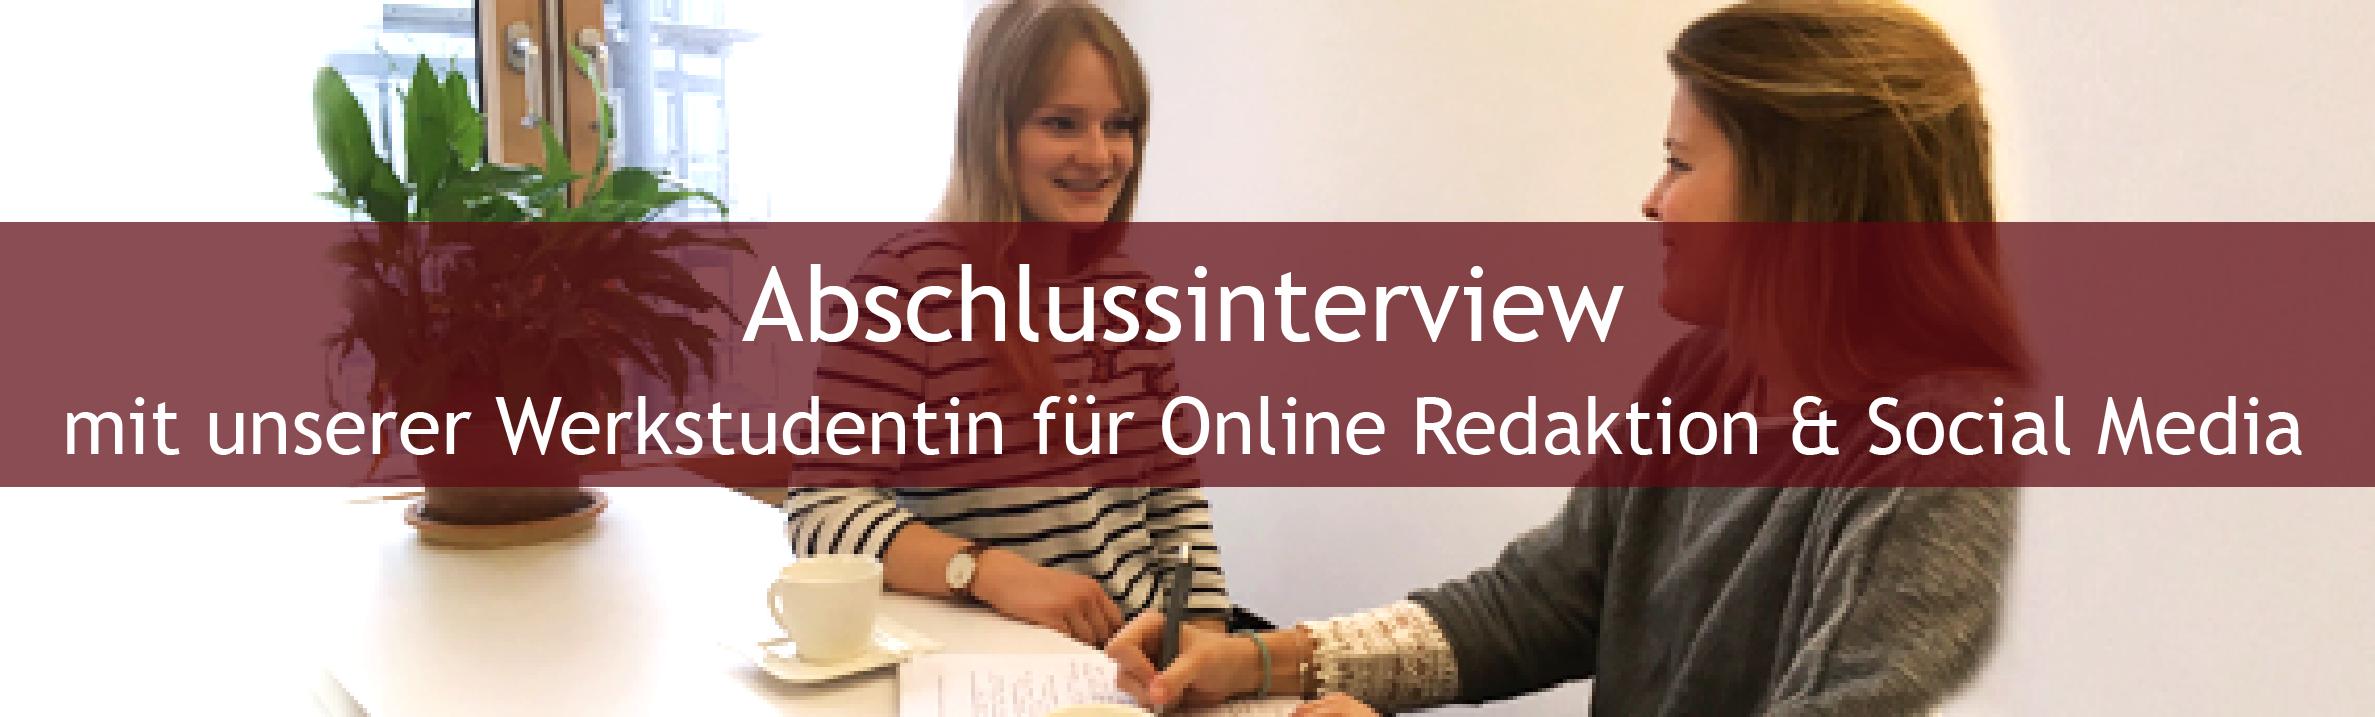 Abschlussinterview mit der Werkstudentin Online-Redaktion